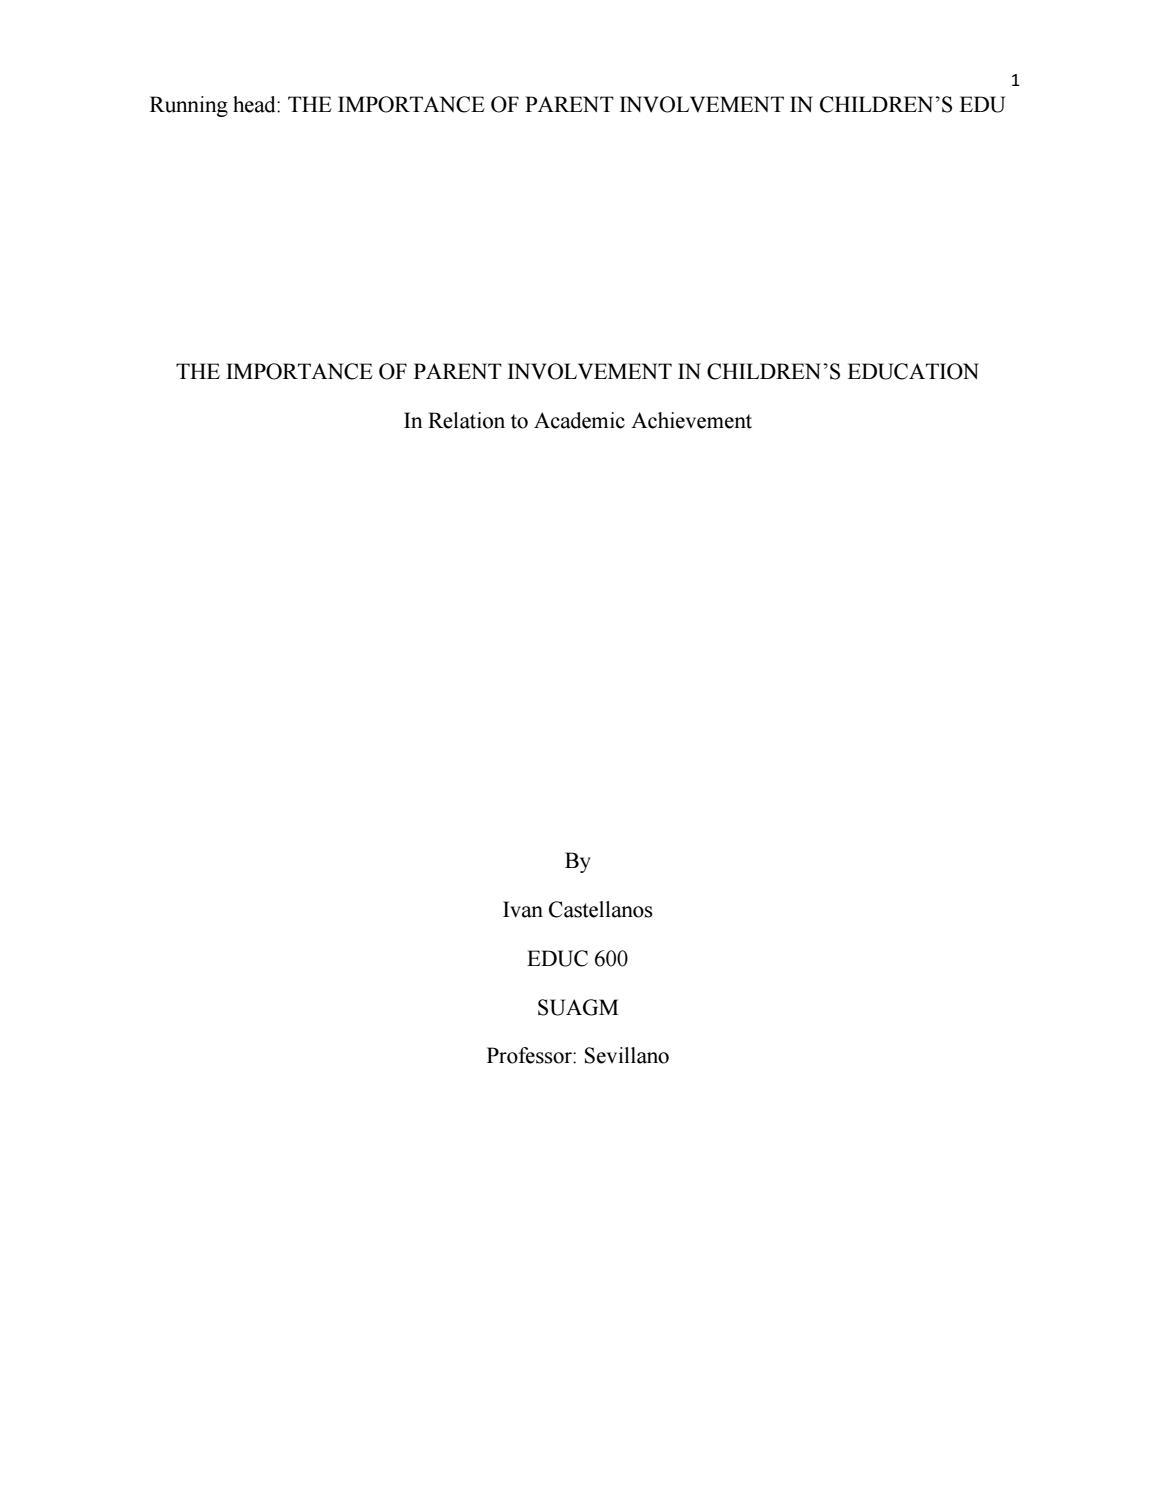 essay topic in art museum